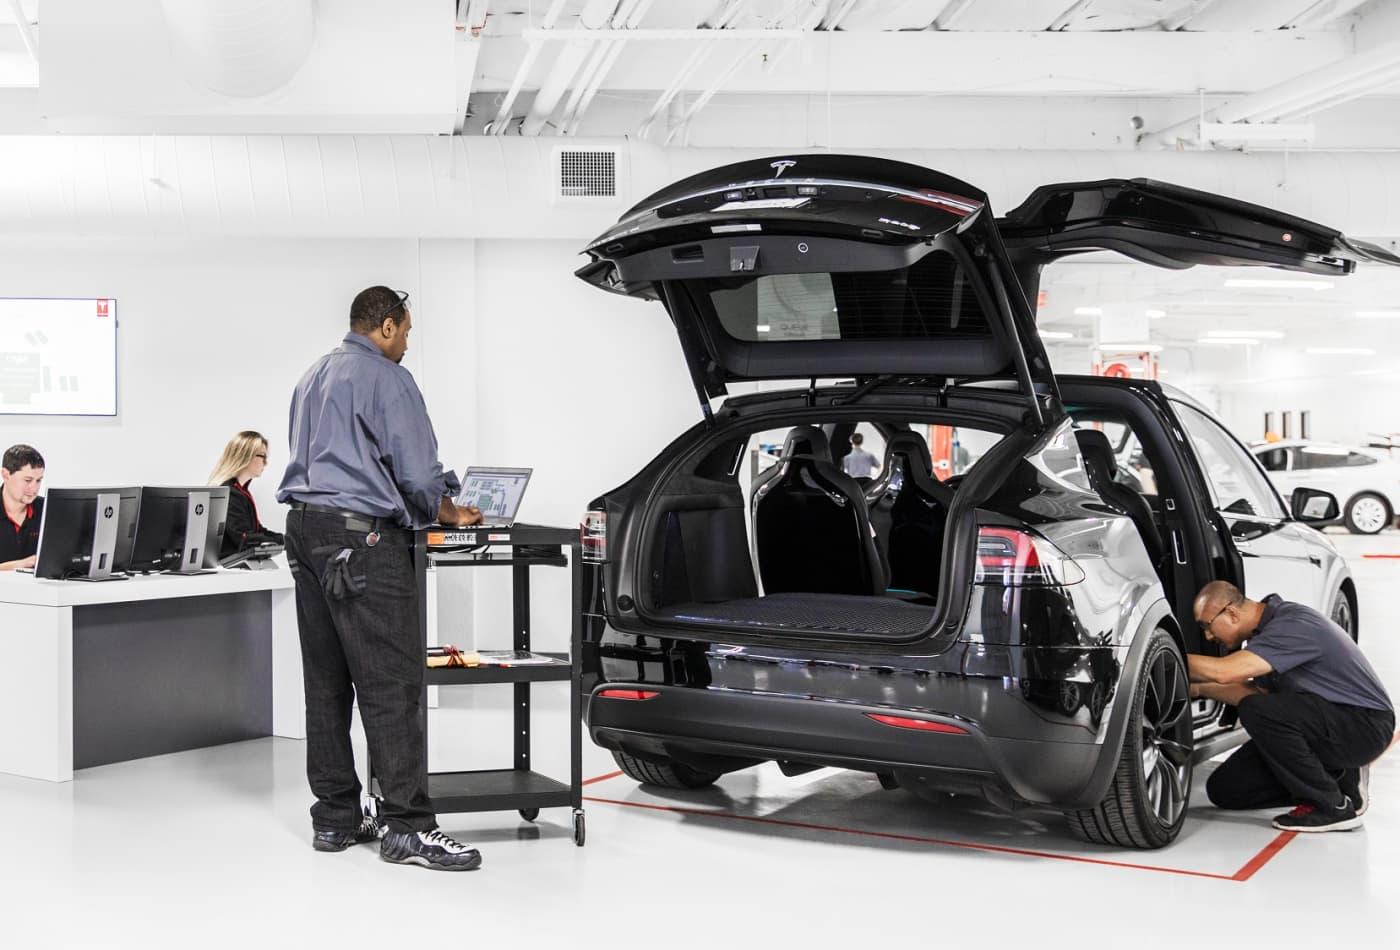 Want to work at Tesla? This program guarantees you a job after graduation